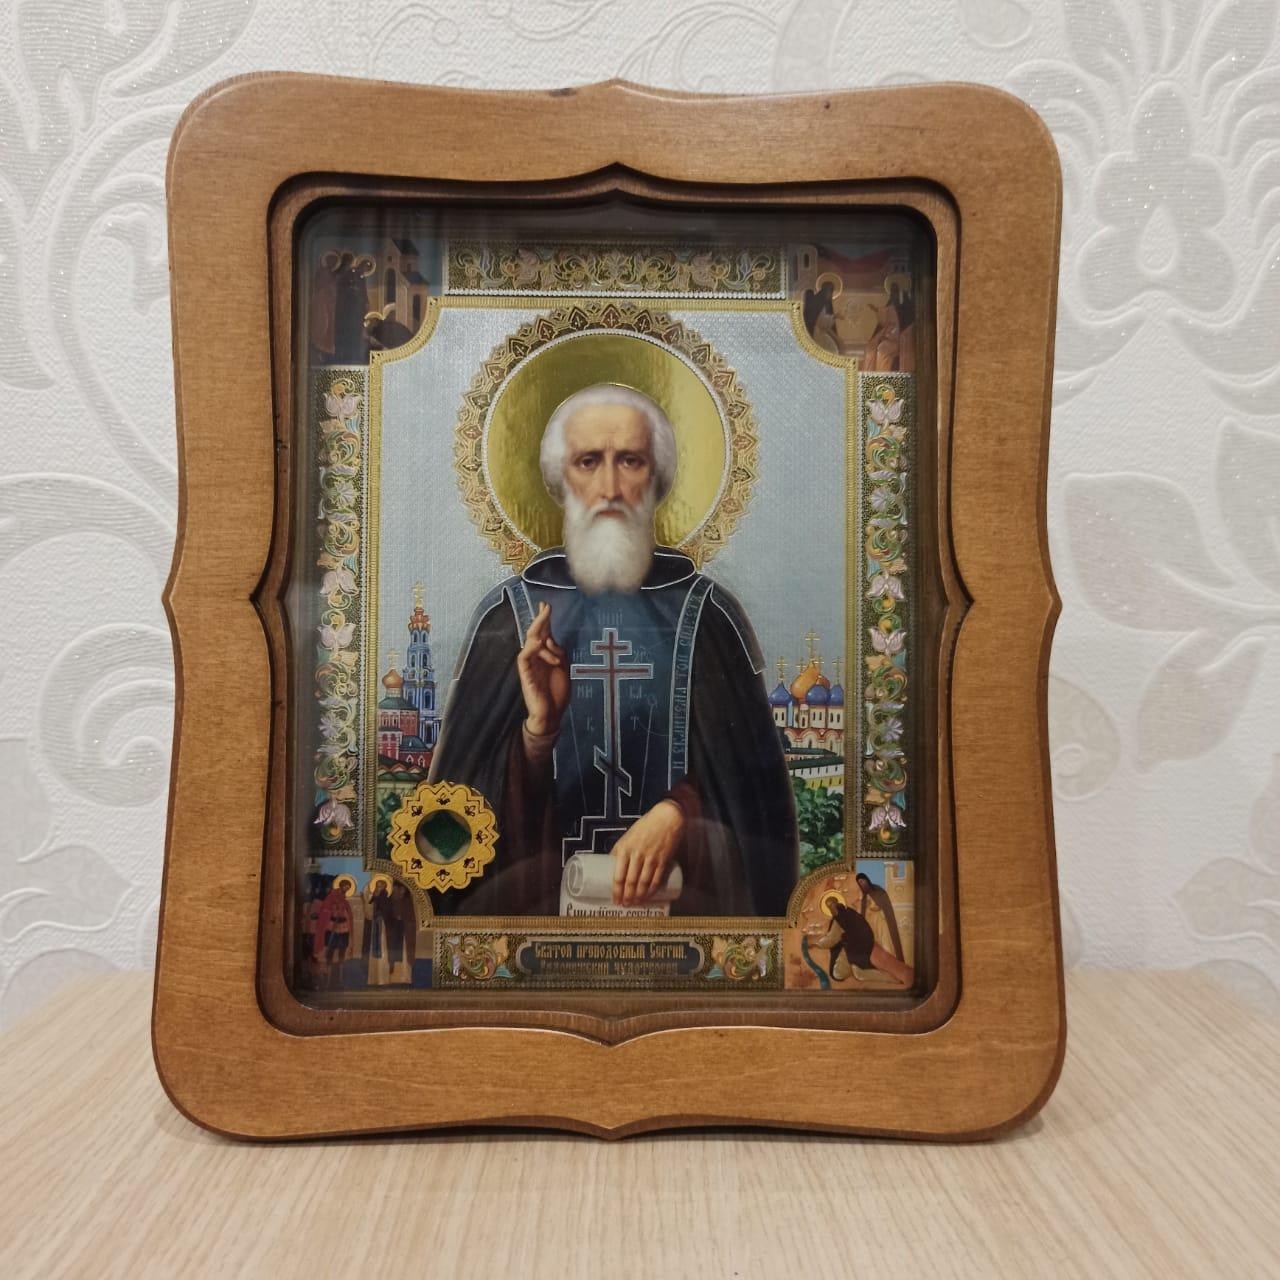 Икона прп. Сергия Радонежского с частицей облачения с его мощей (22.5 на 26.5 см)